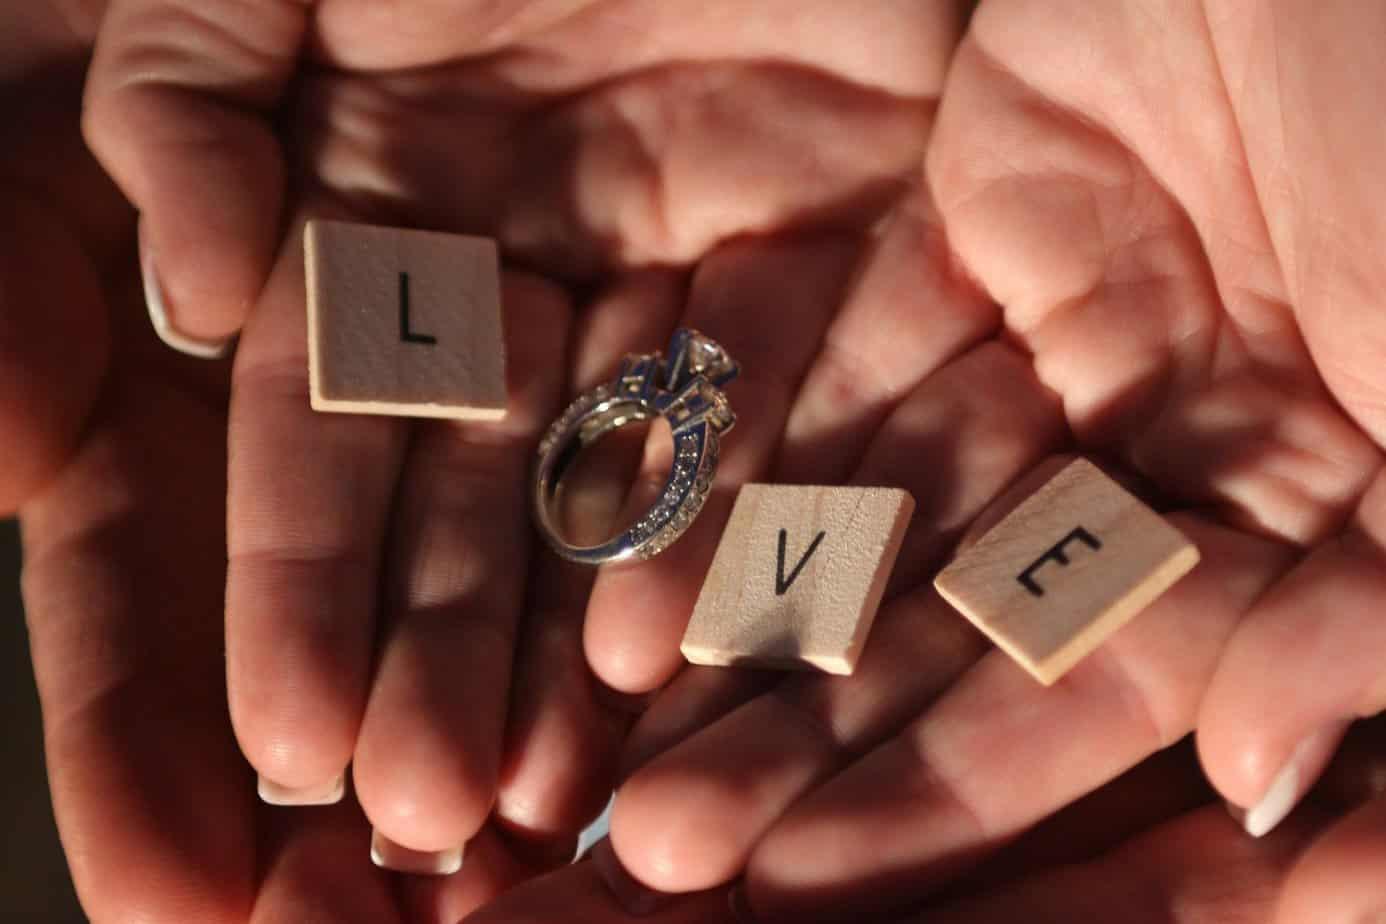 Le challenge d'une vie : la décision de s'engager sur le chemin de l'amour